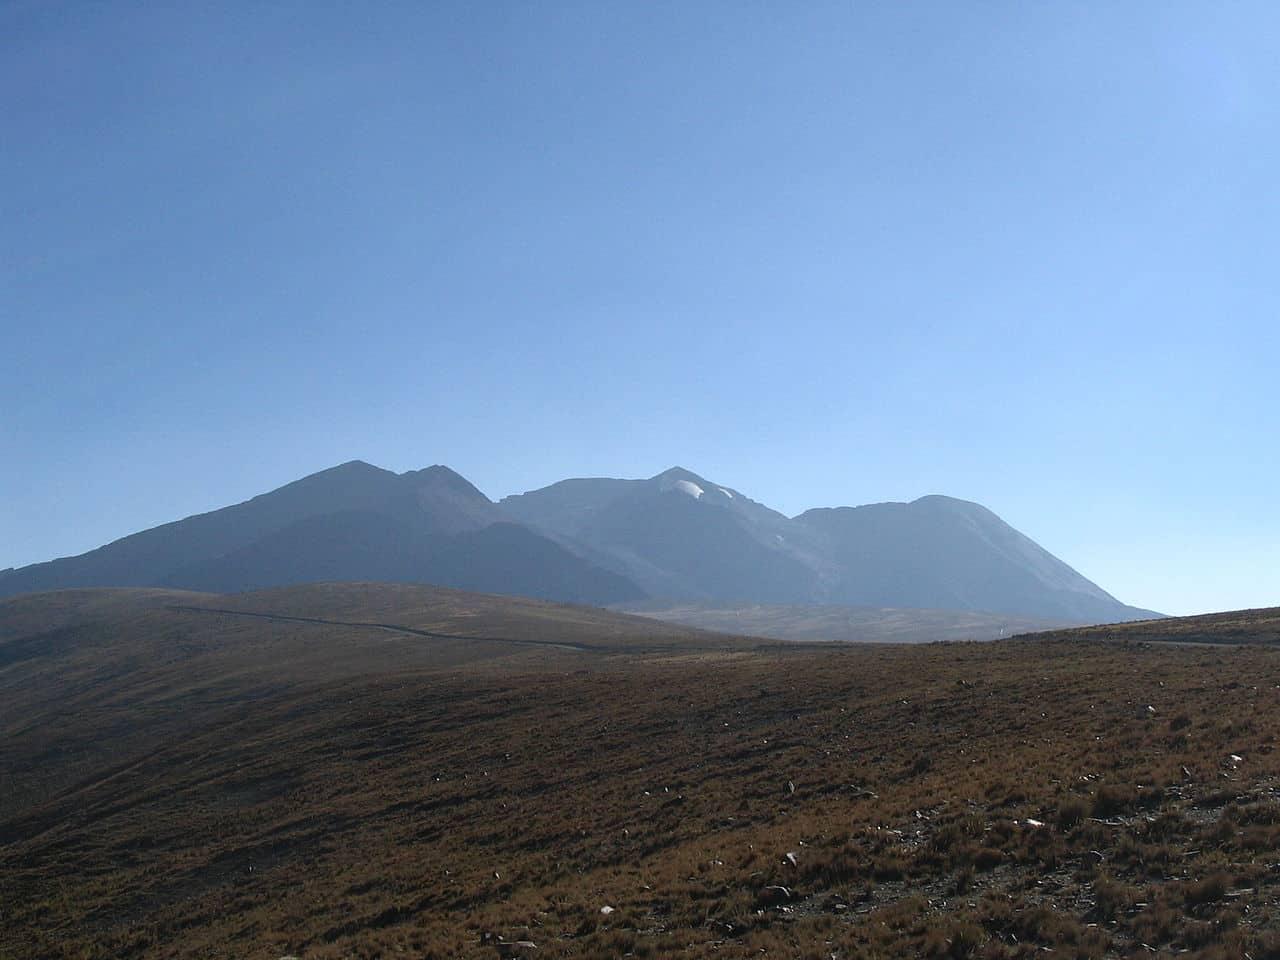 Tudo sobre o Monte Chacaltaya